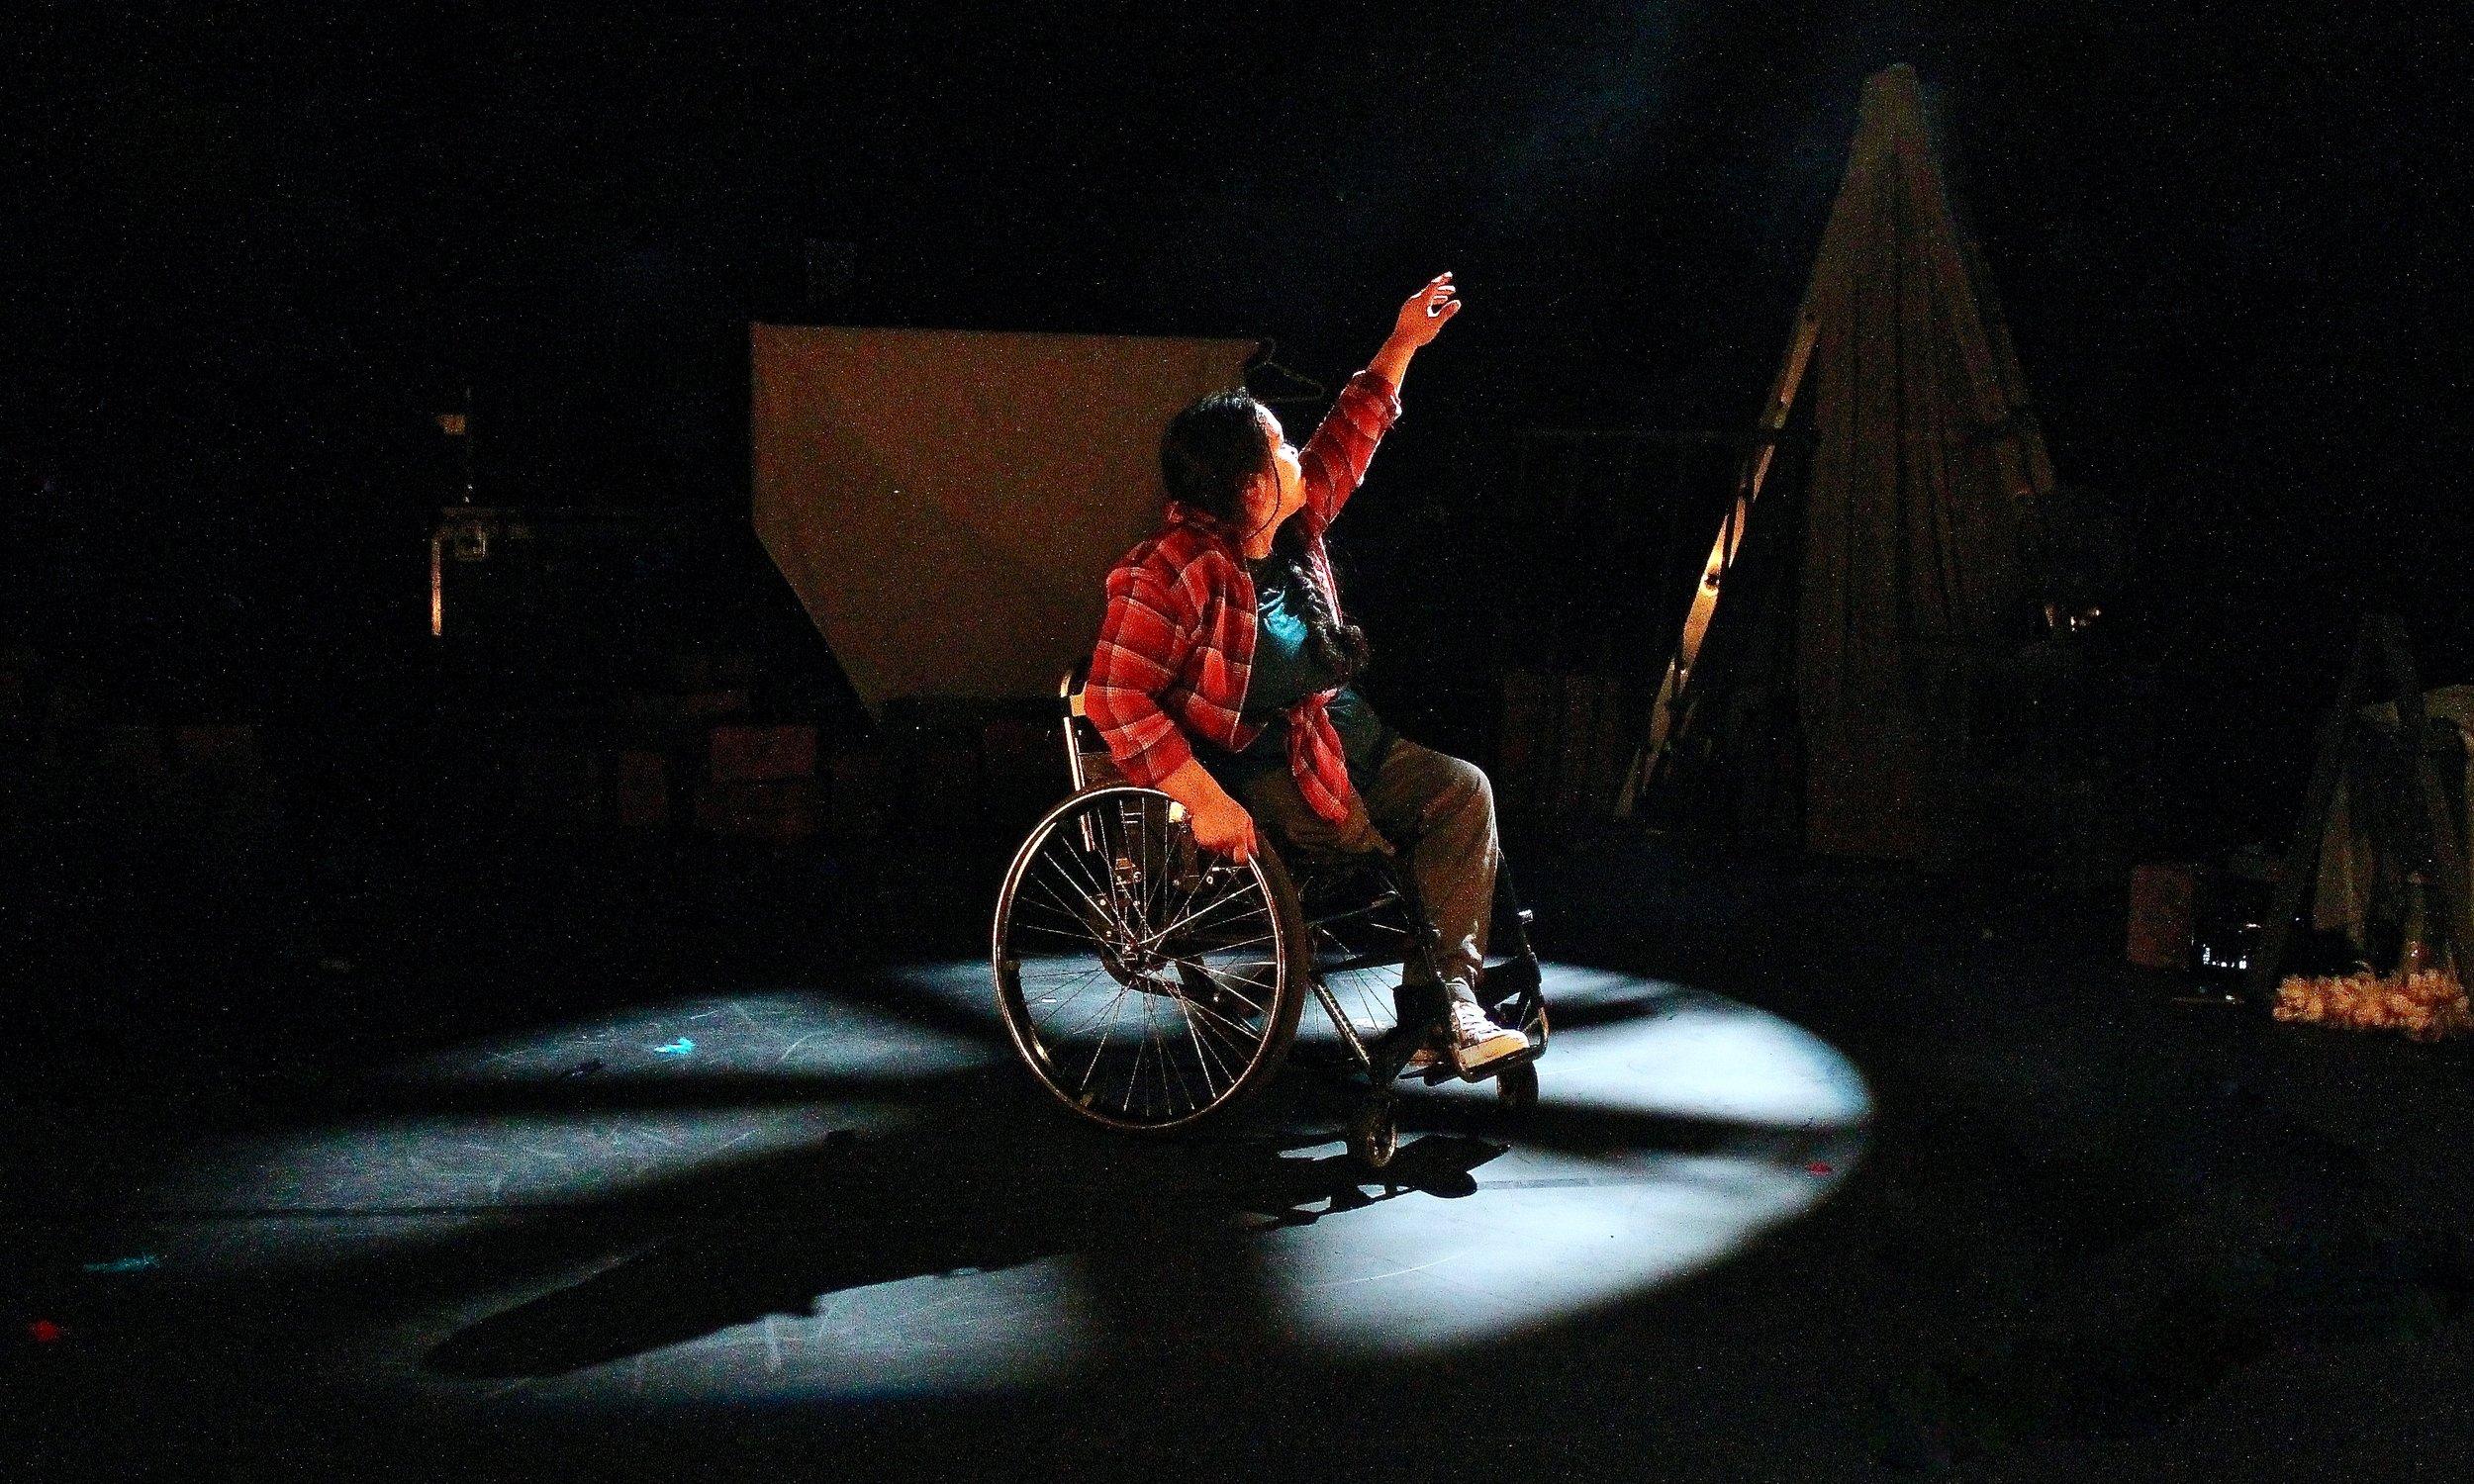 Laura Dajao in Night at the Theatre (Image: Rhiannon Williams)